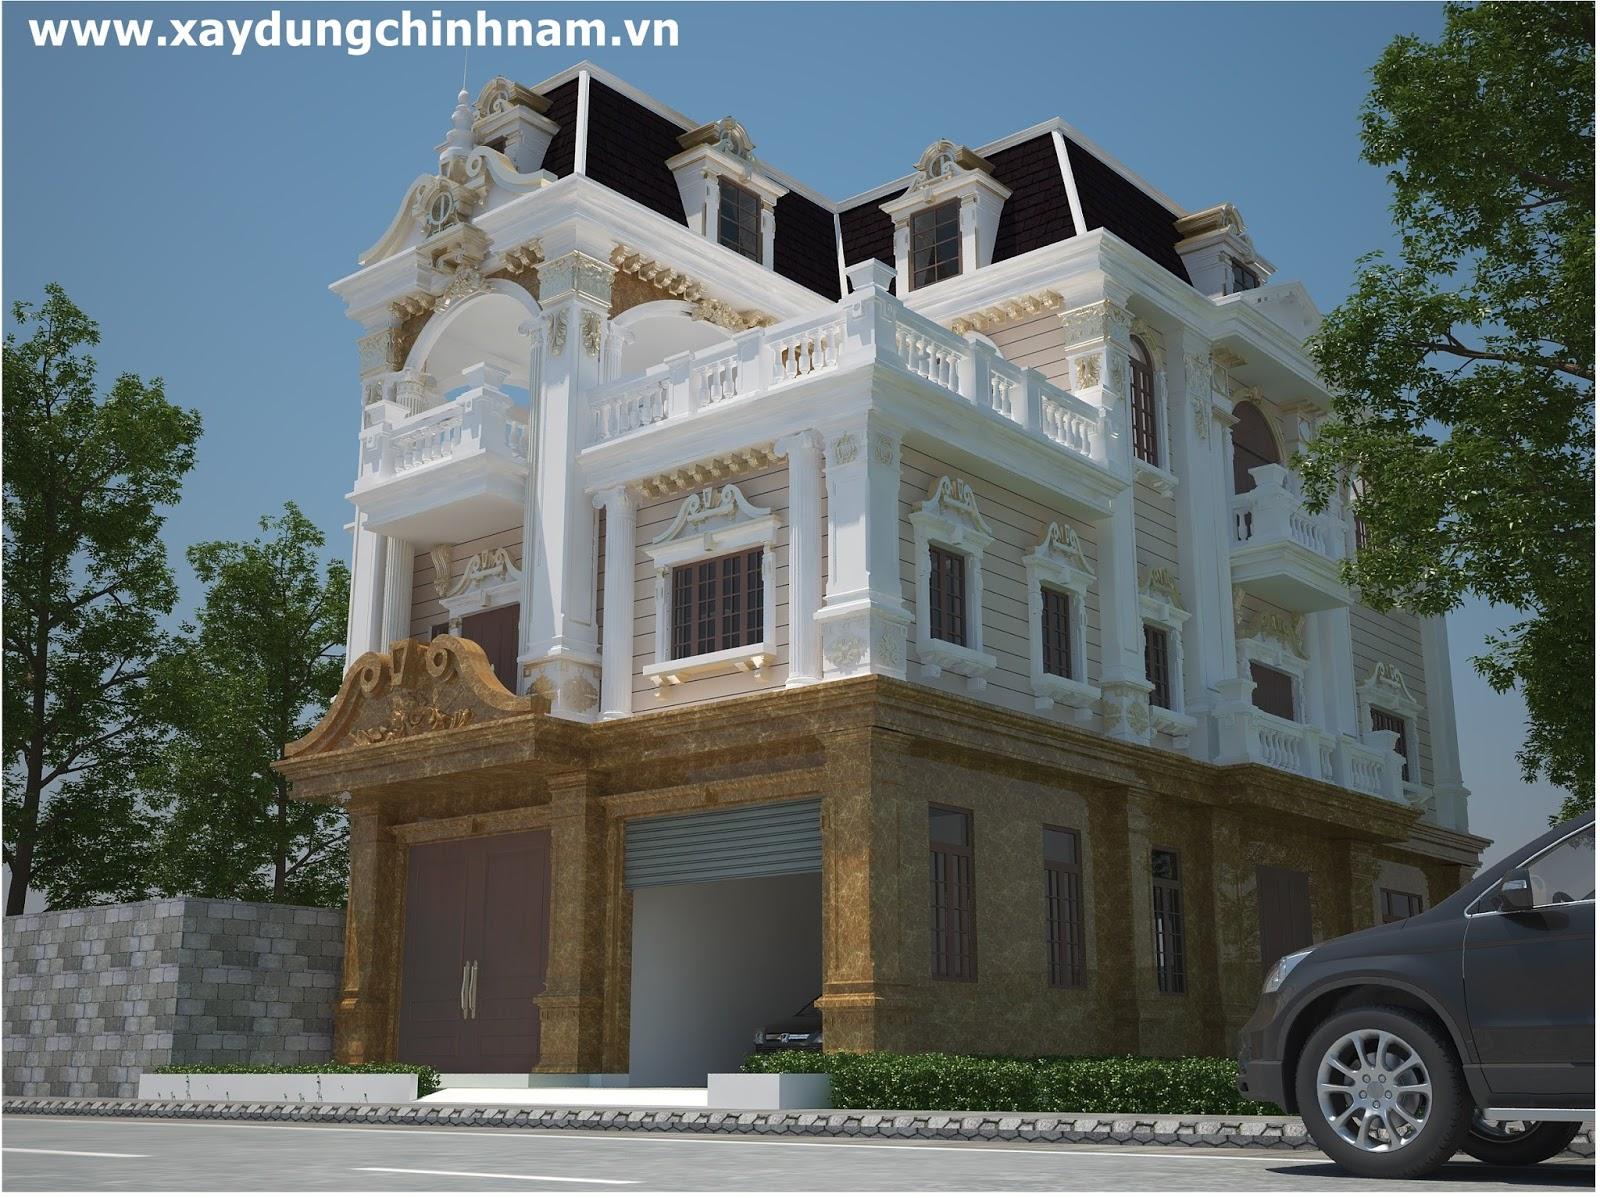 Biệt thự đẹp ở Biên Hòa Đồng Nai